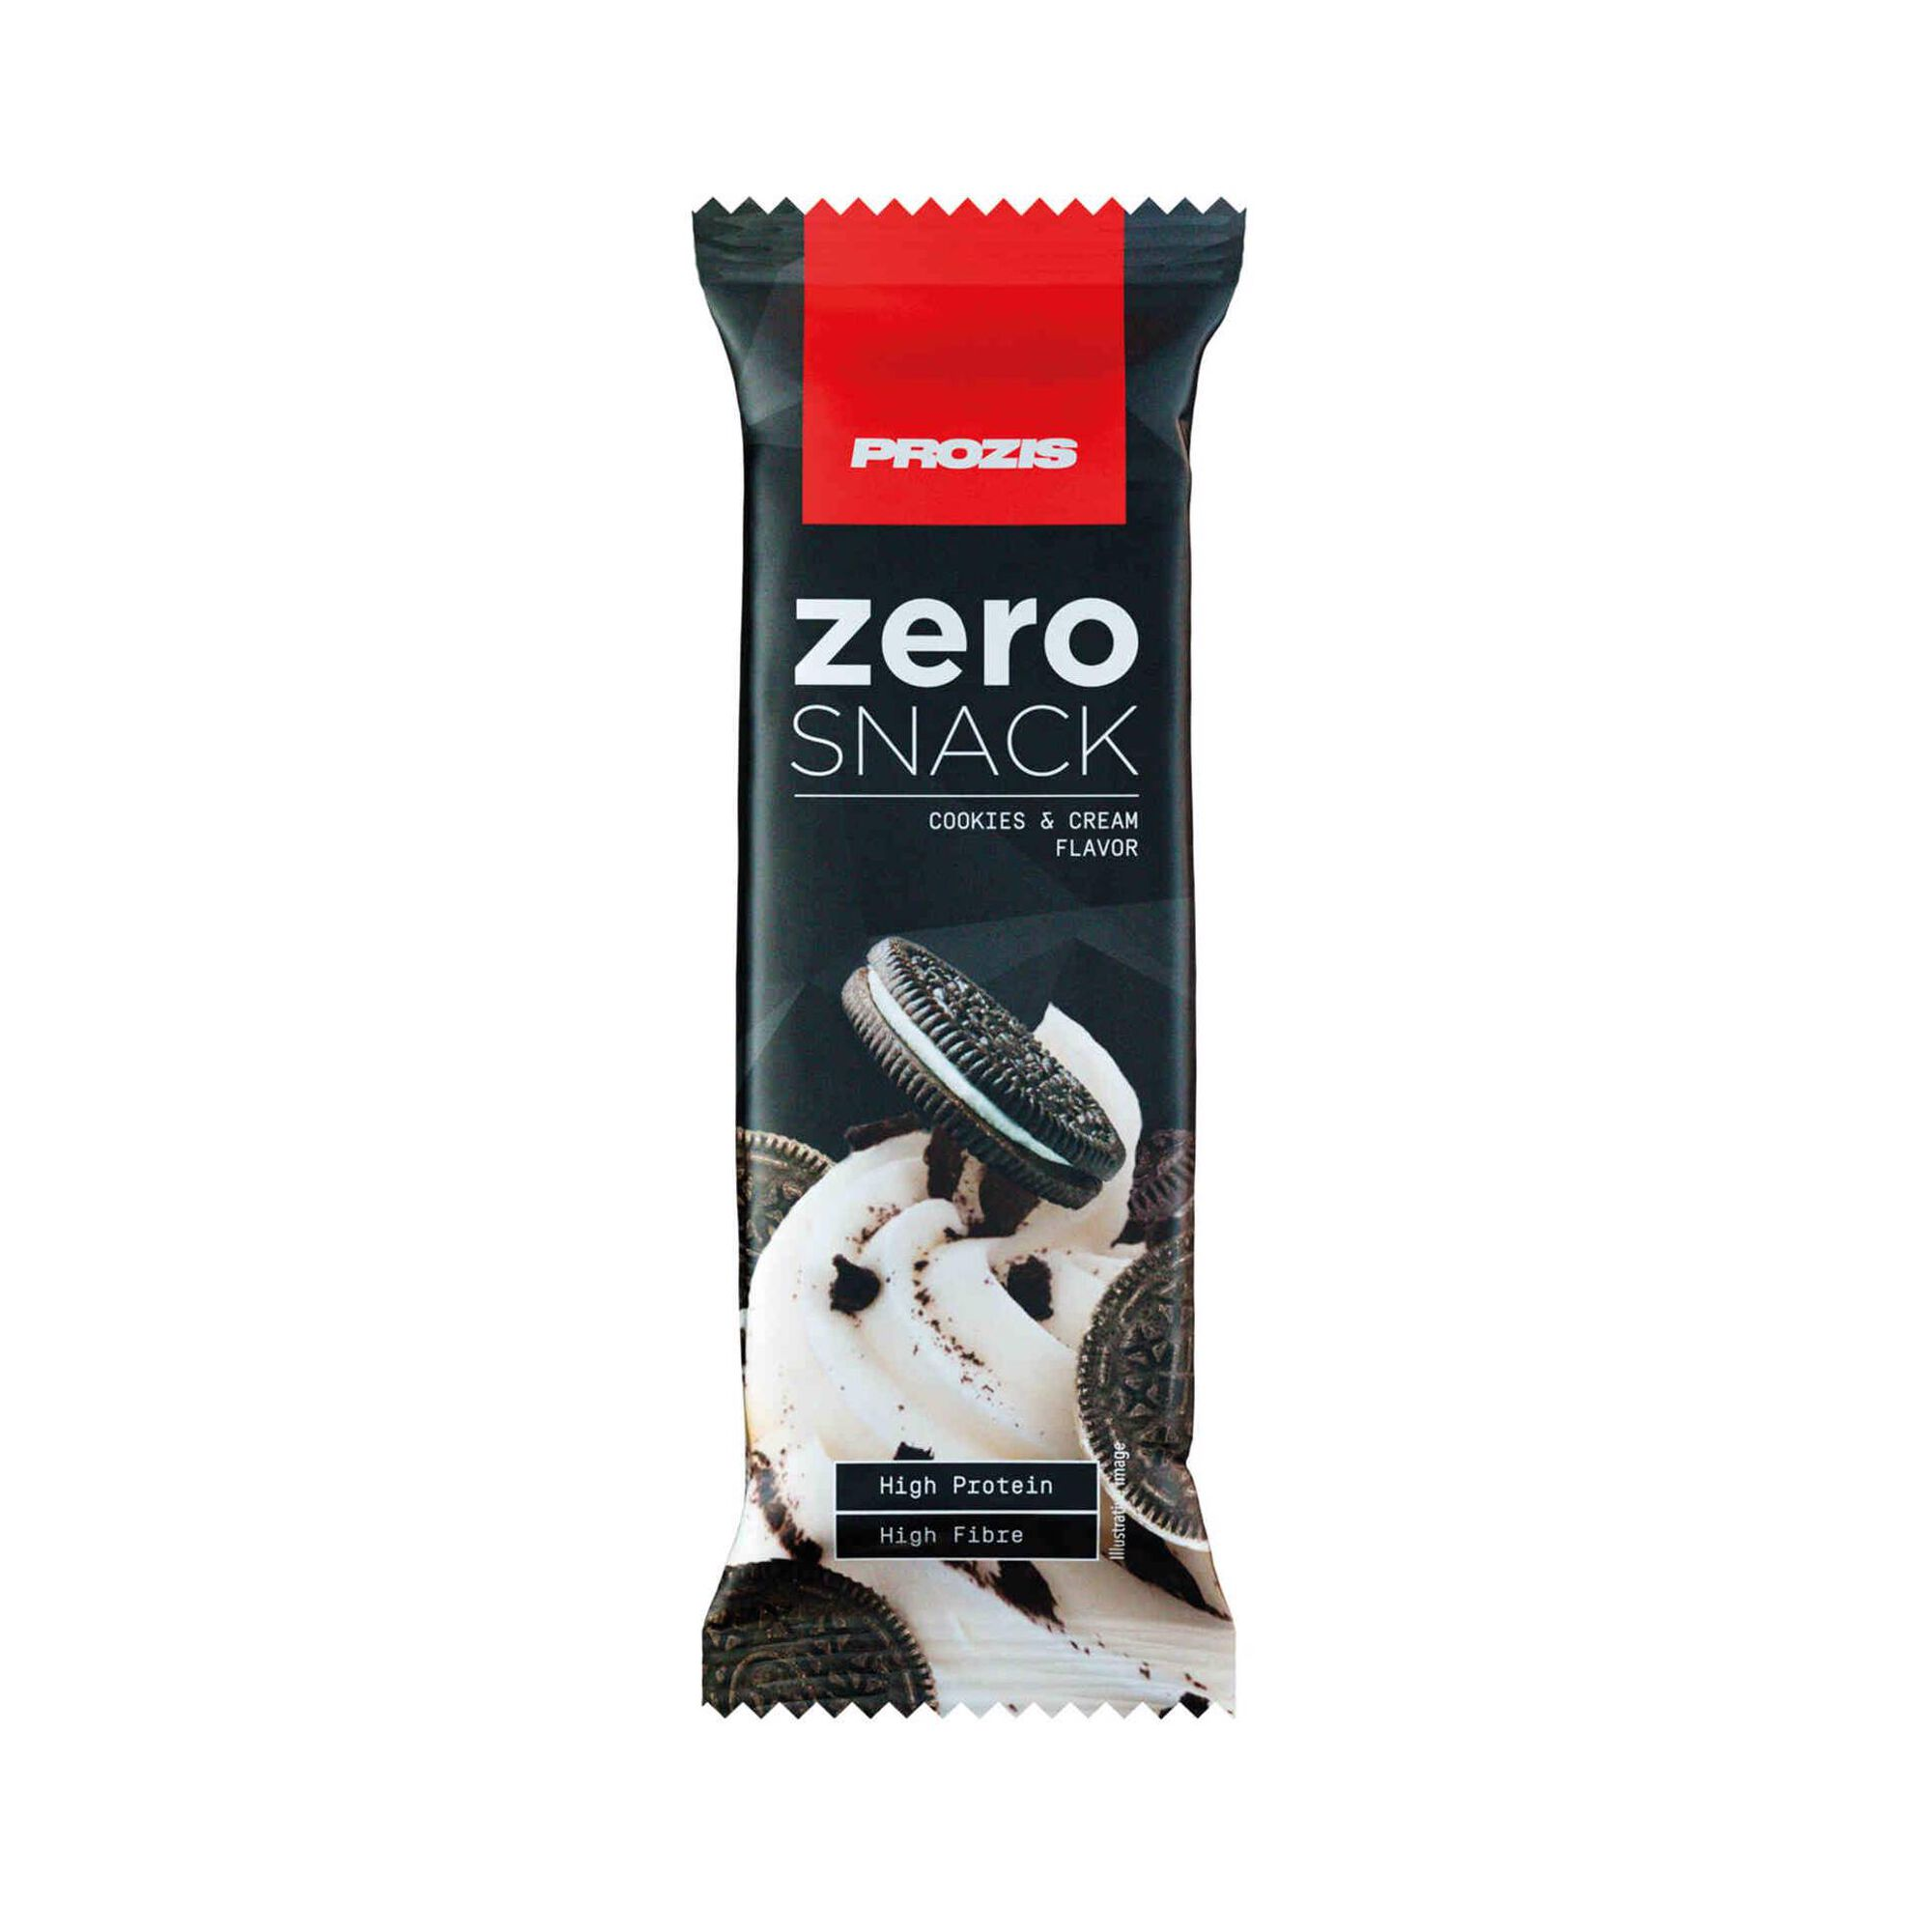 Snack Zero Cookies and Cream